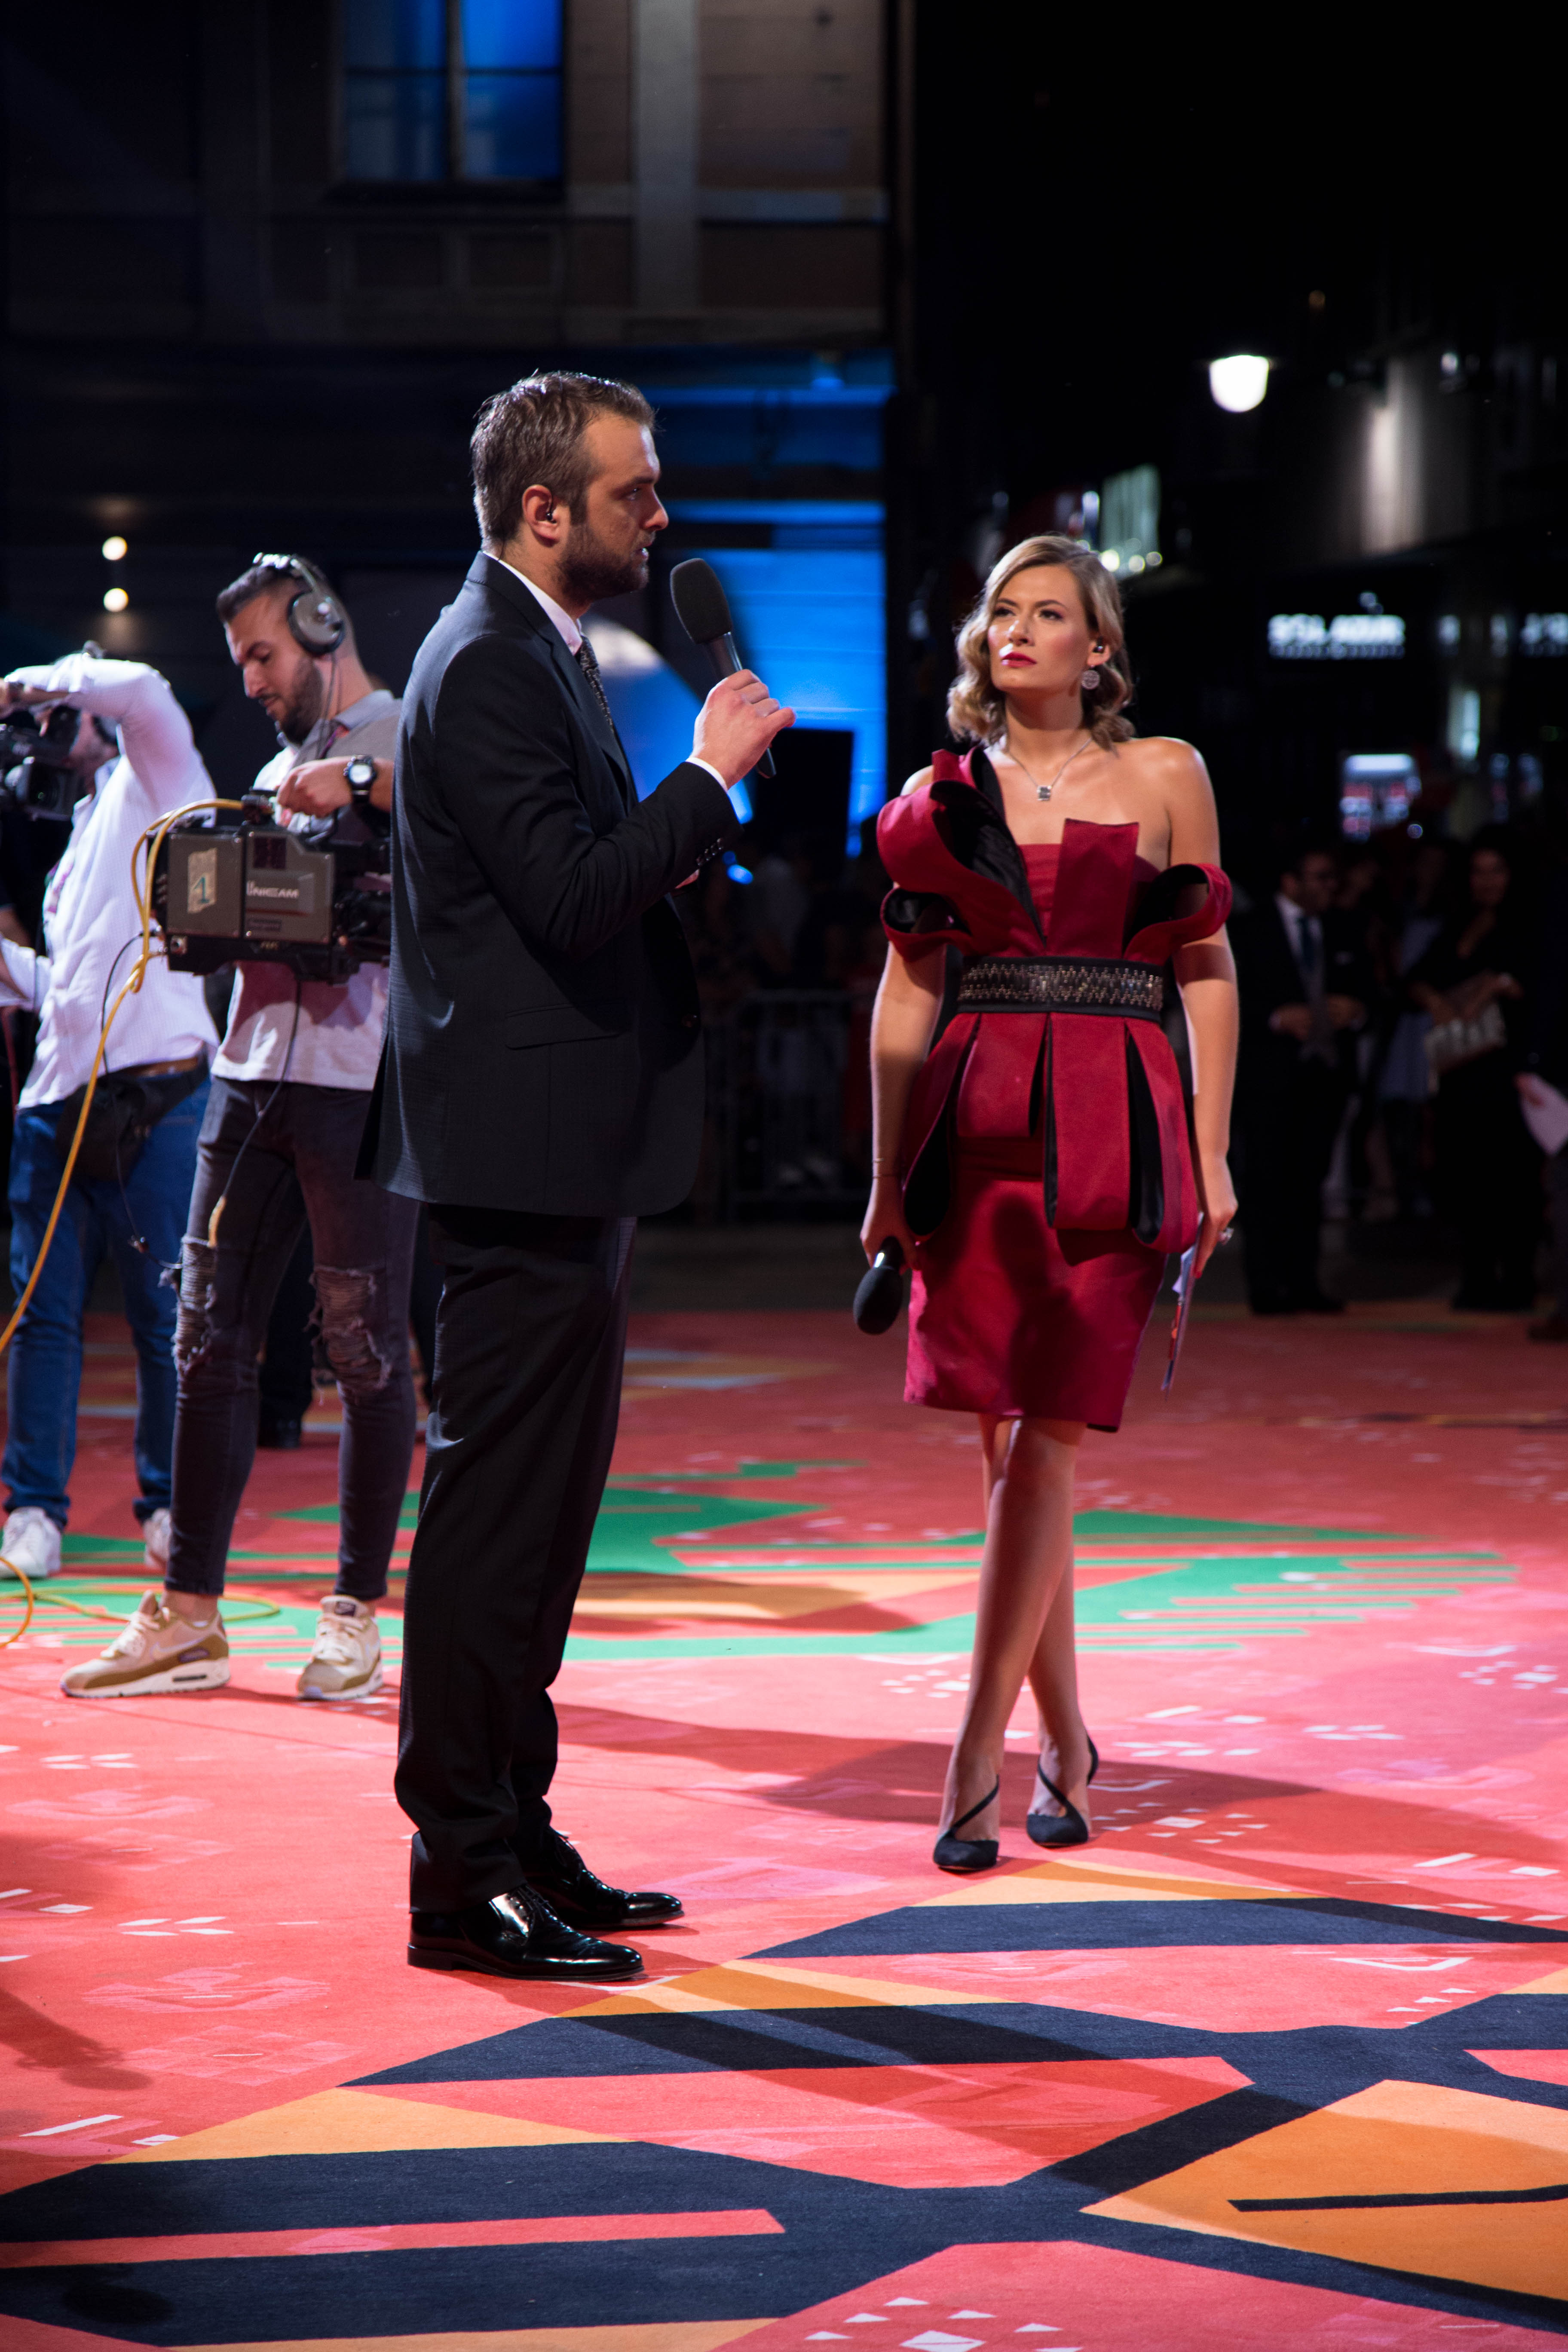 cetvrta noc sarajevo film festival senka catic (39)